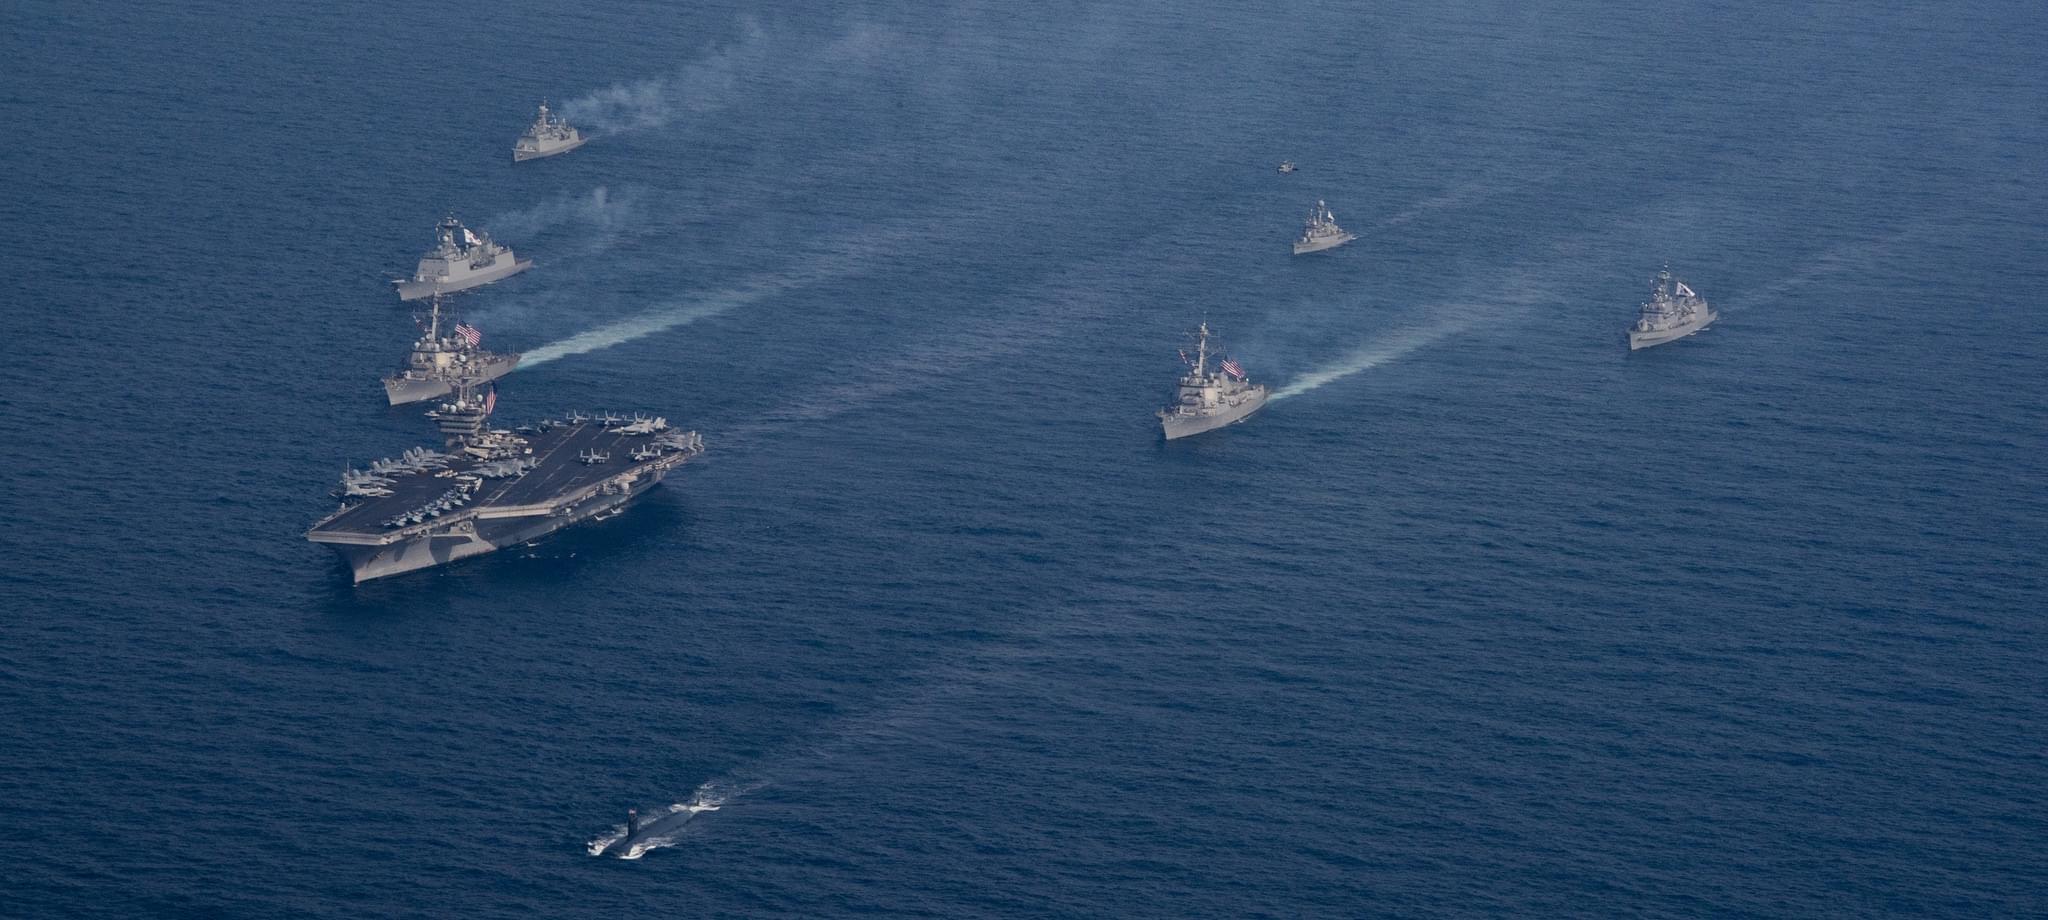 乌龙!美军否认3艘航母下周就能集结朝鲜半岛